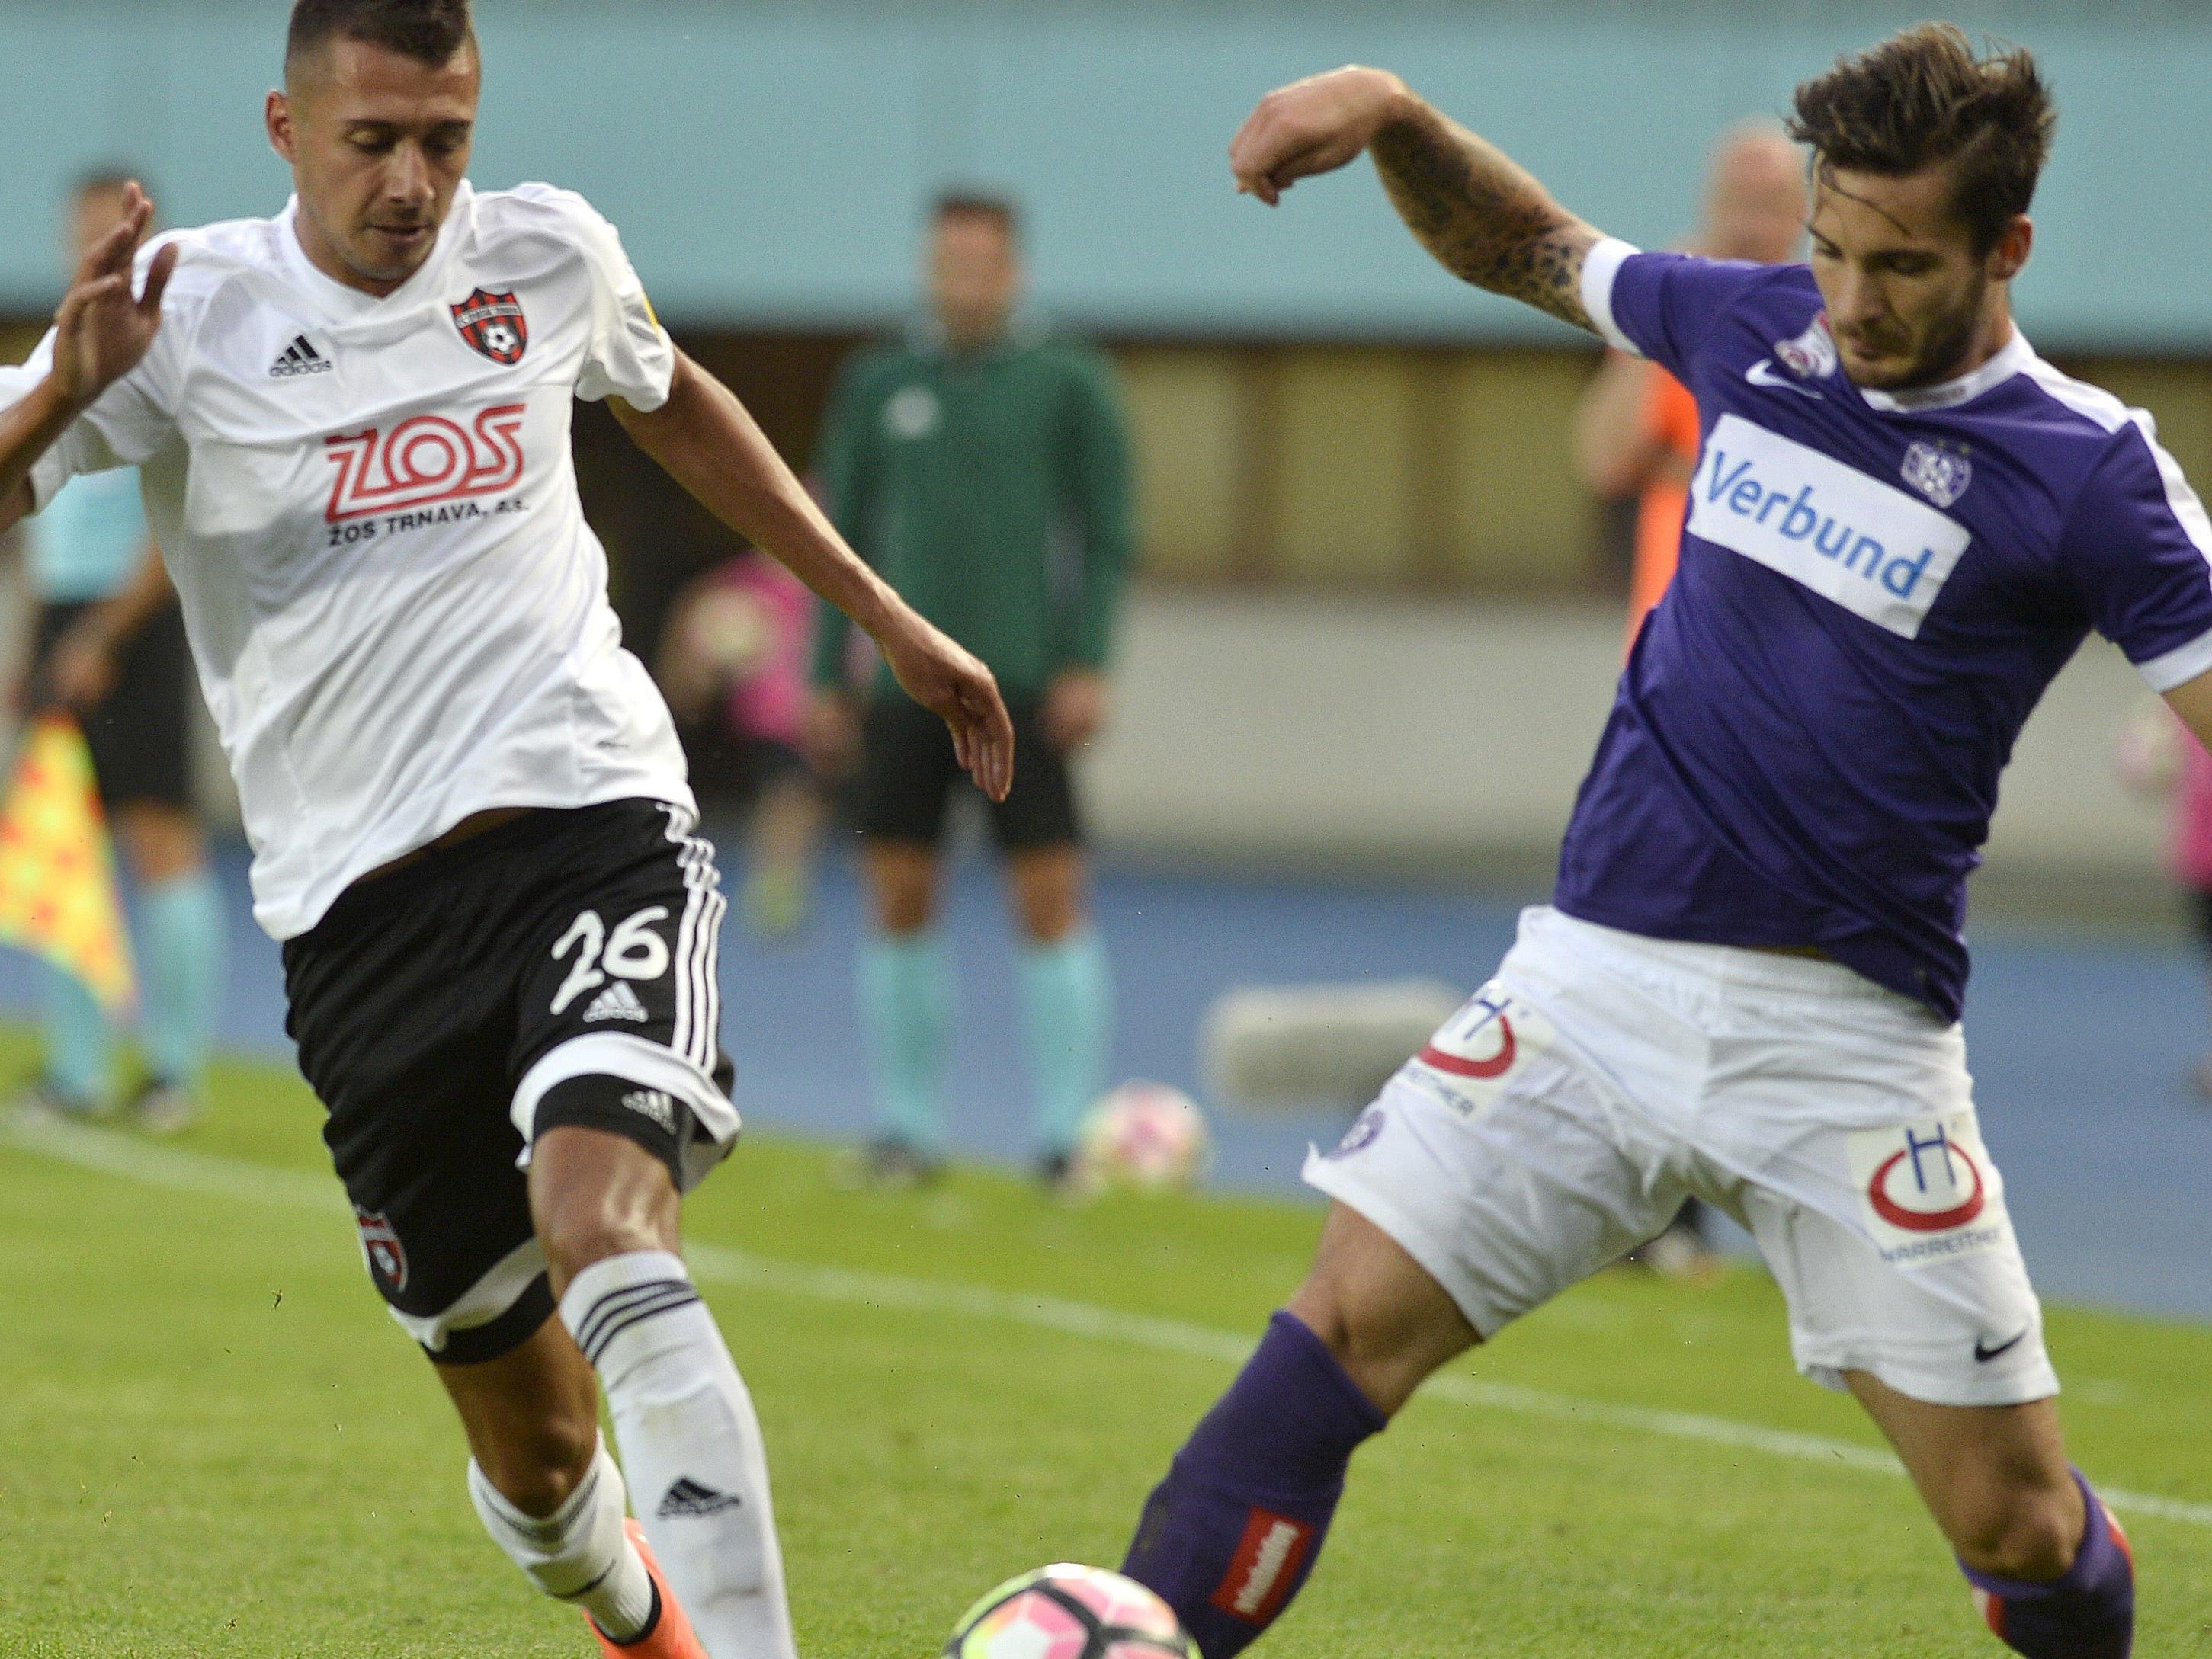 39e6fd7df0 Stimmen zum Spiel Austria Wien gegen Spartak Trnava - Fussball ...